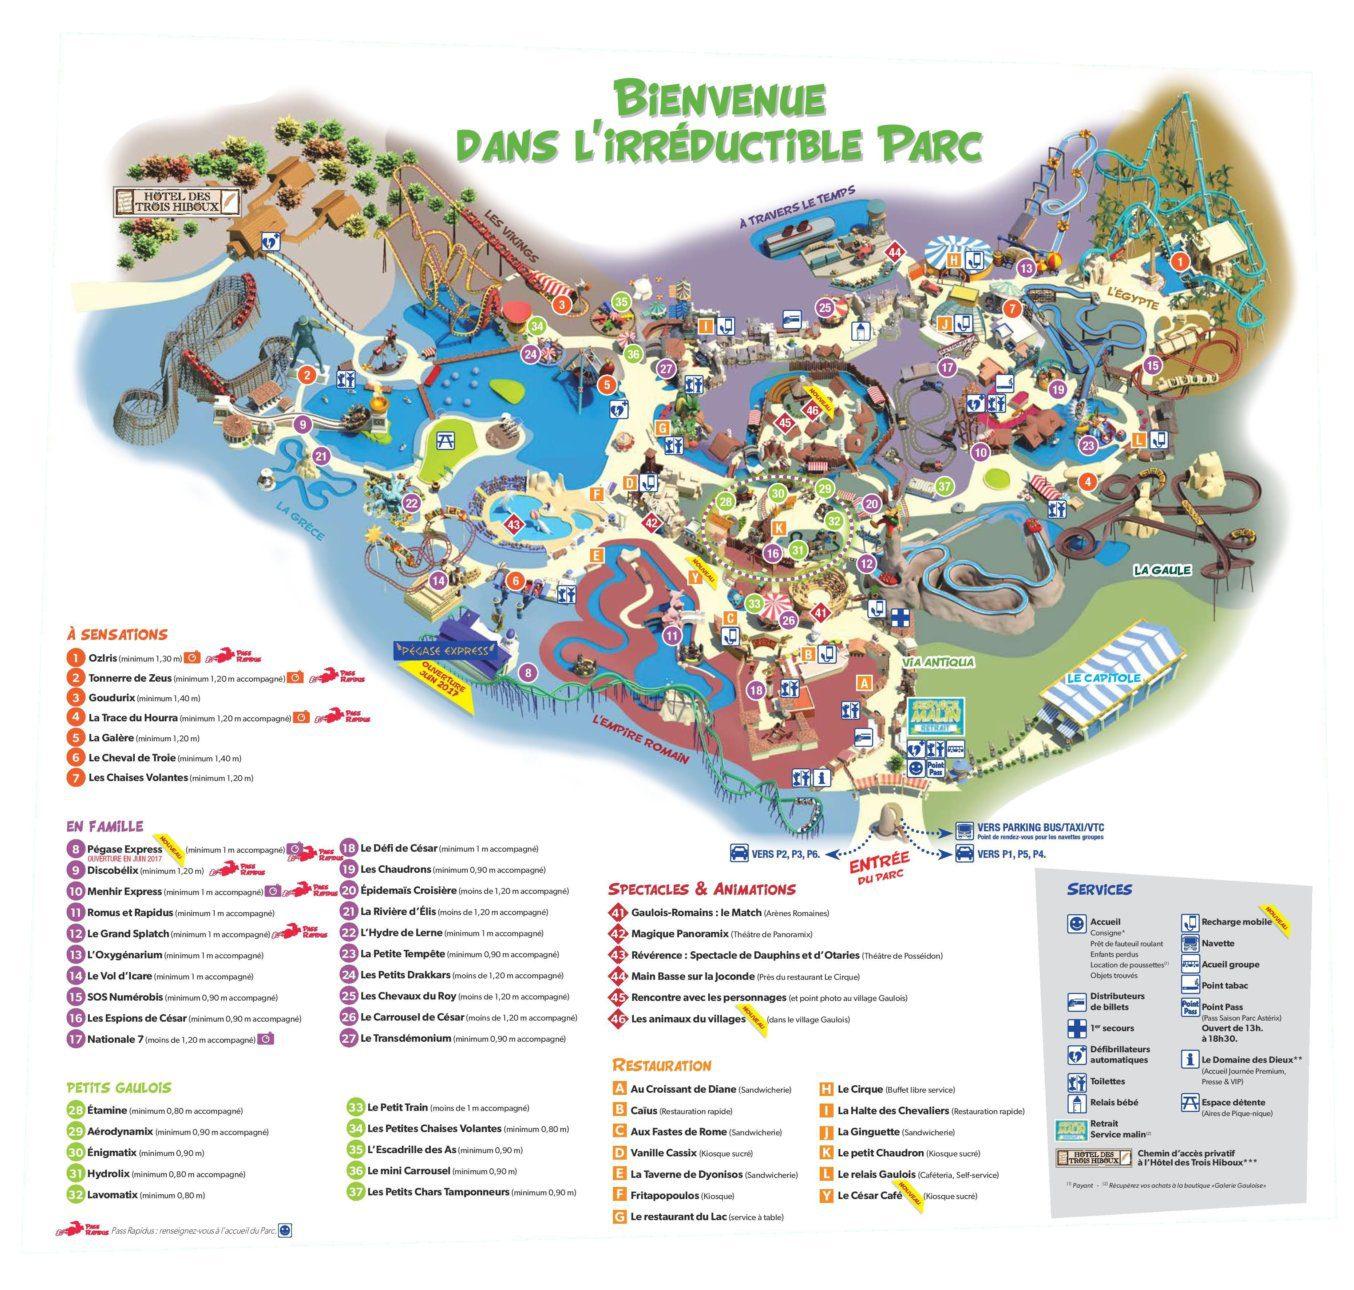 Les meilleurs parcs d'attractions de France, Carte et infos. 9